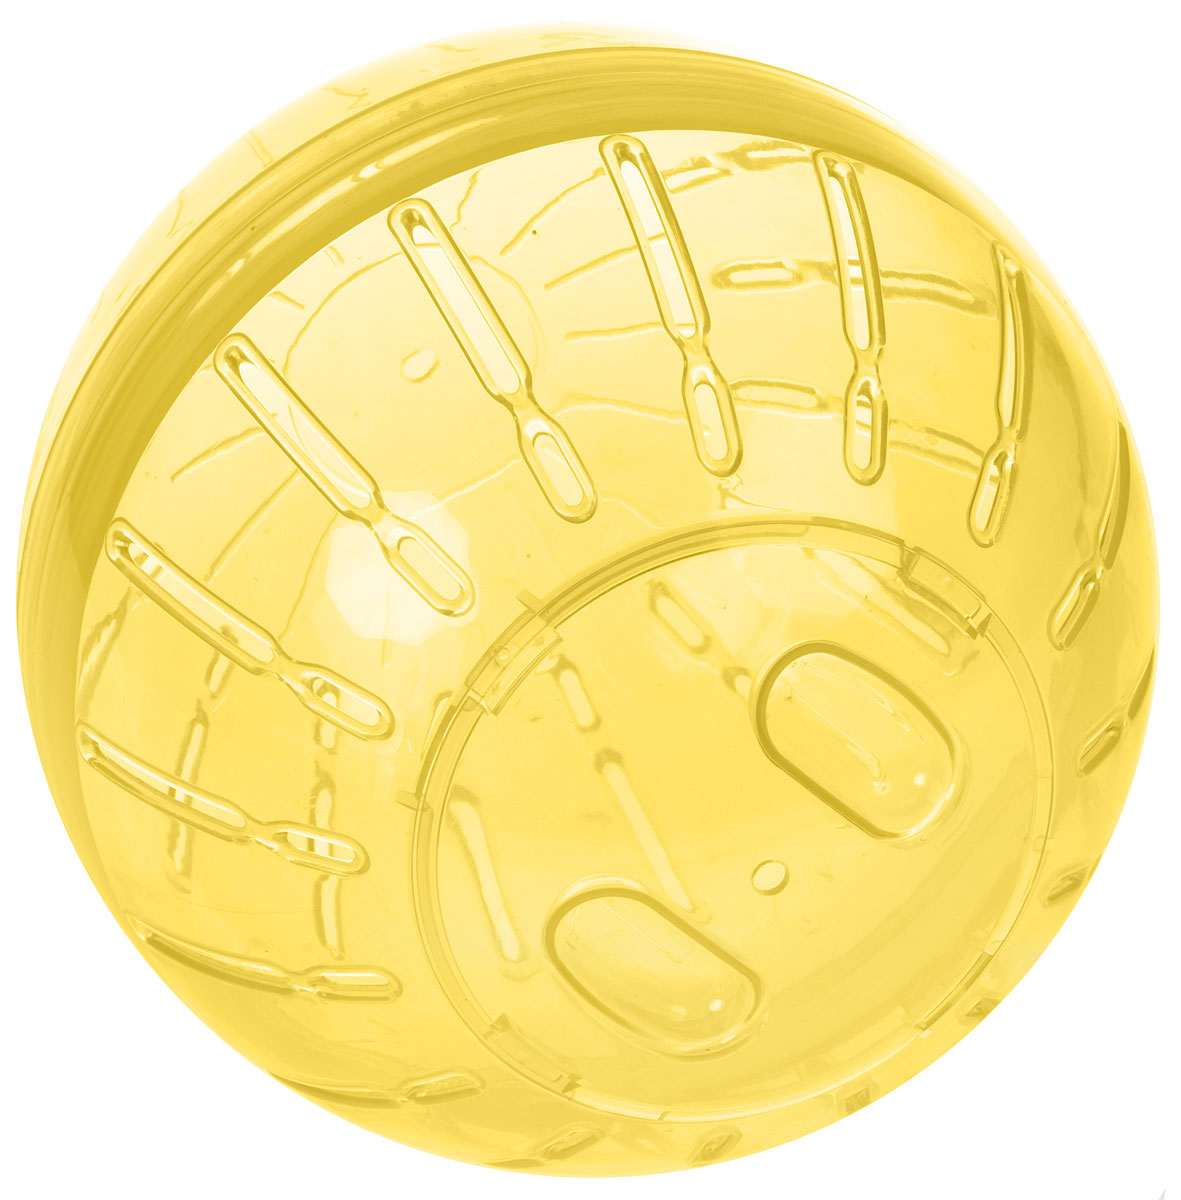 Игрушка для грызунов Triol  Шар прогулочный , цвет: прозрачный желтый, диаметр 19 см - Игрушки